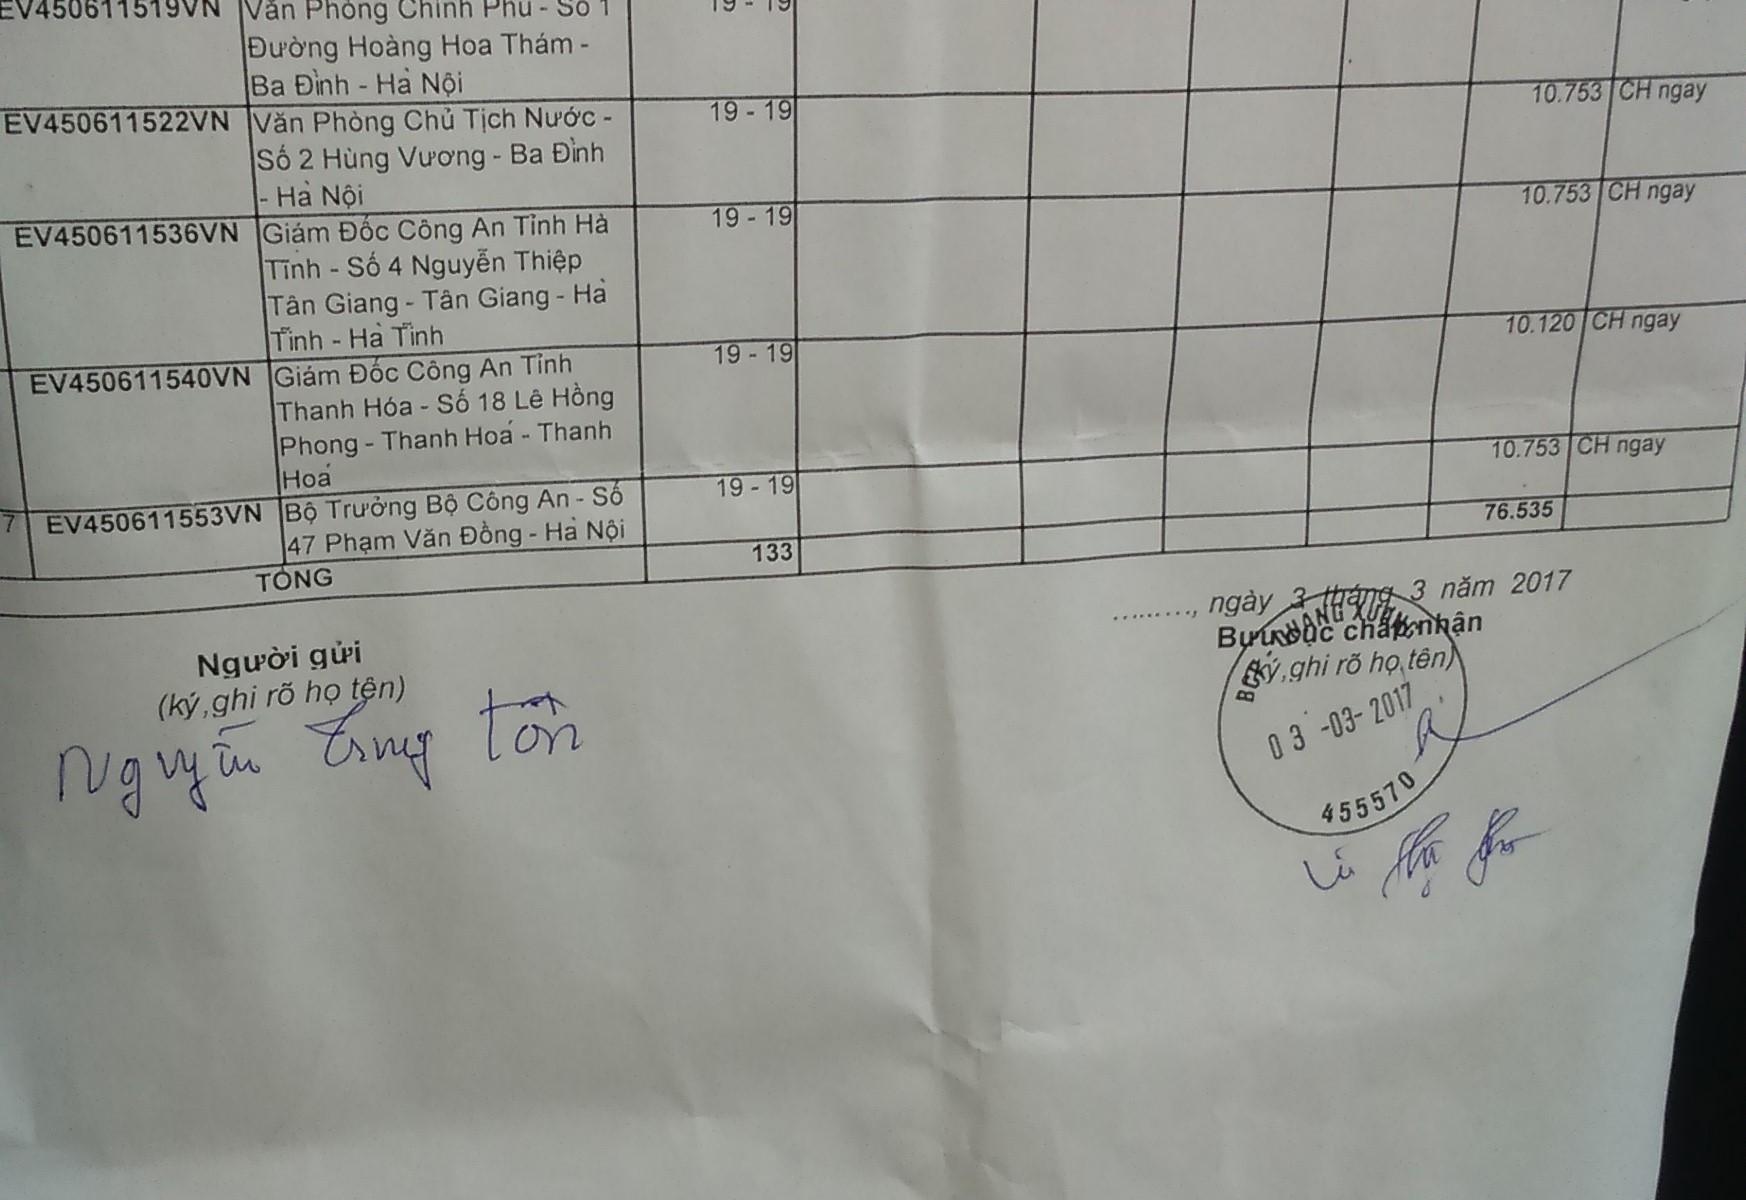 Vận đơn của bưu điện nước CHXHCNVN tiếp nhận đơn trình báo của mục sư Nguyễn Trung Tôn.